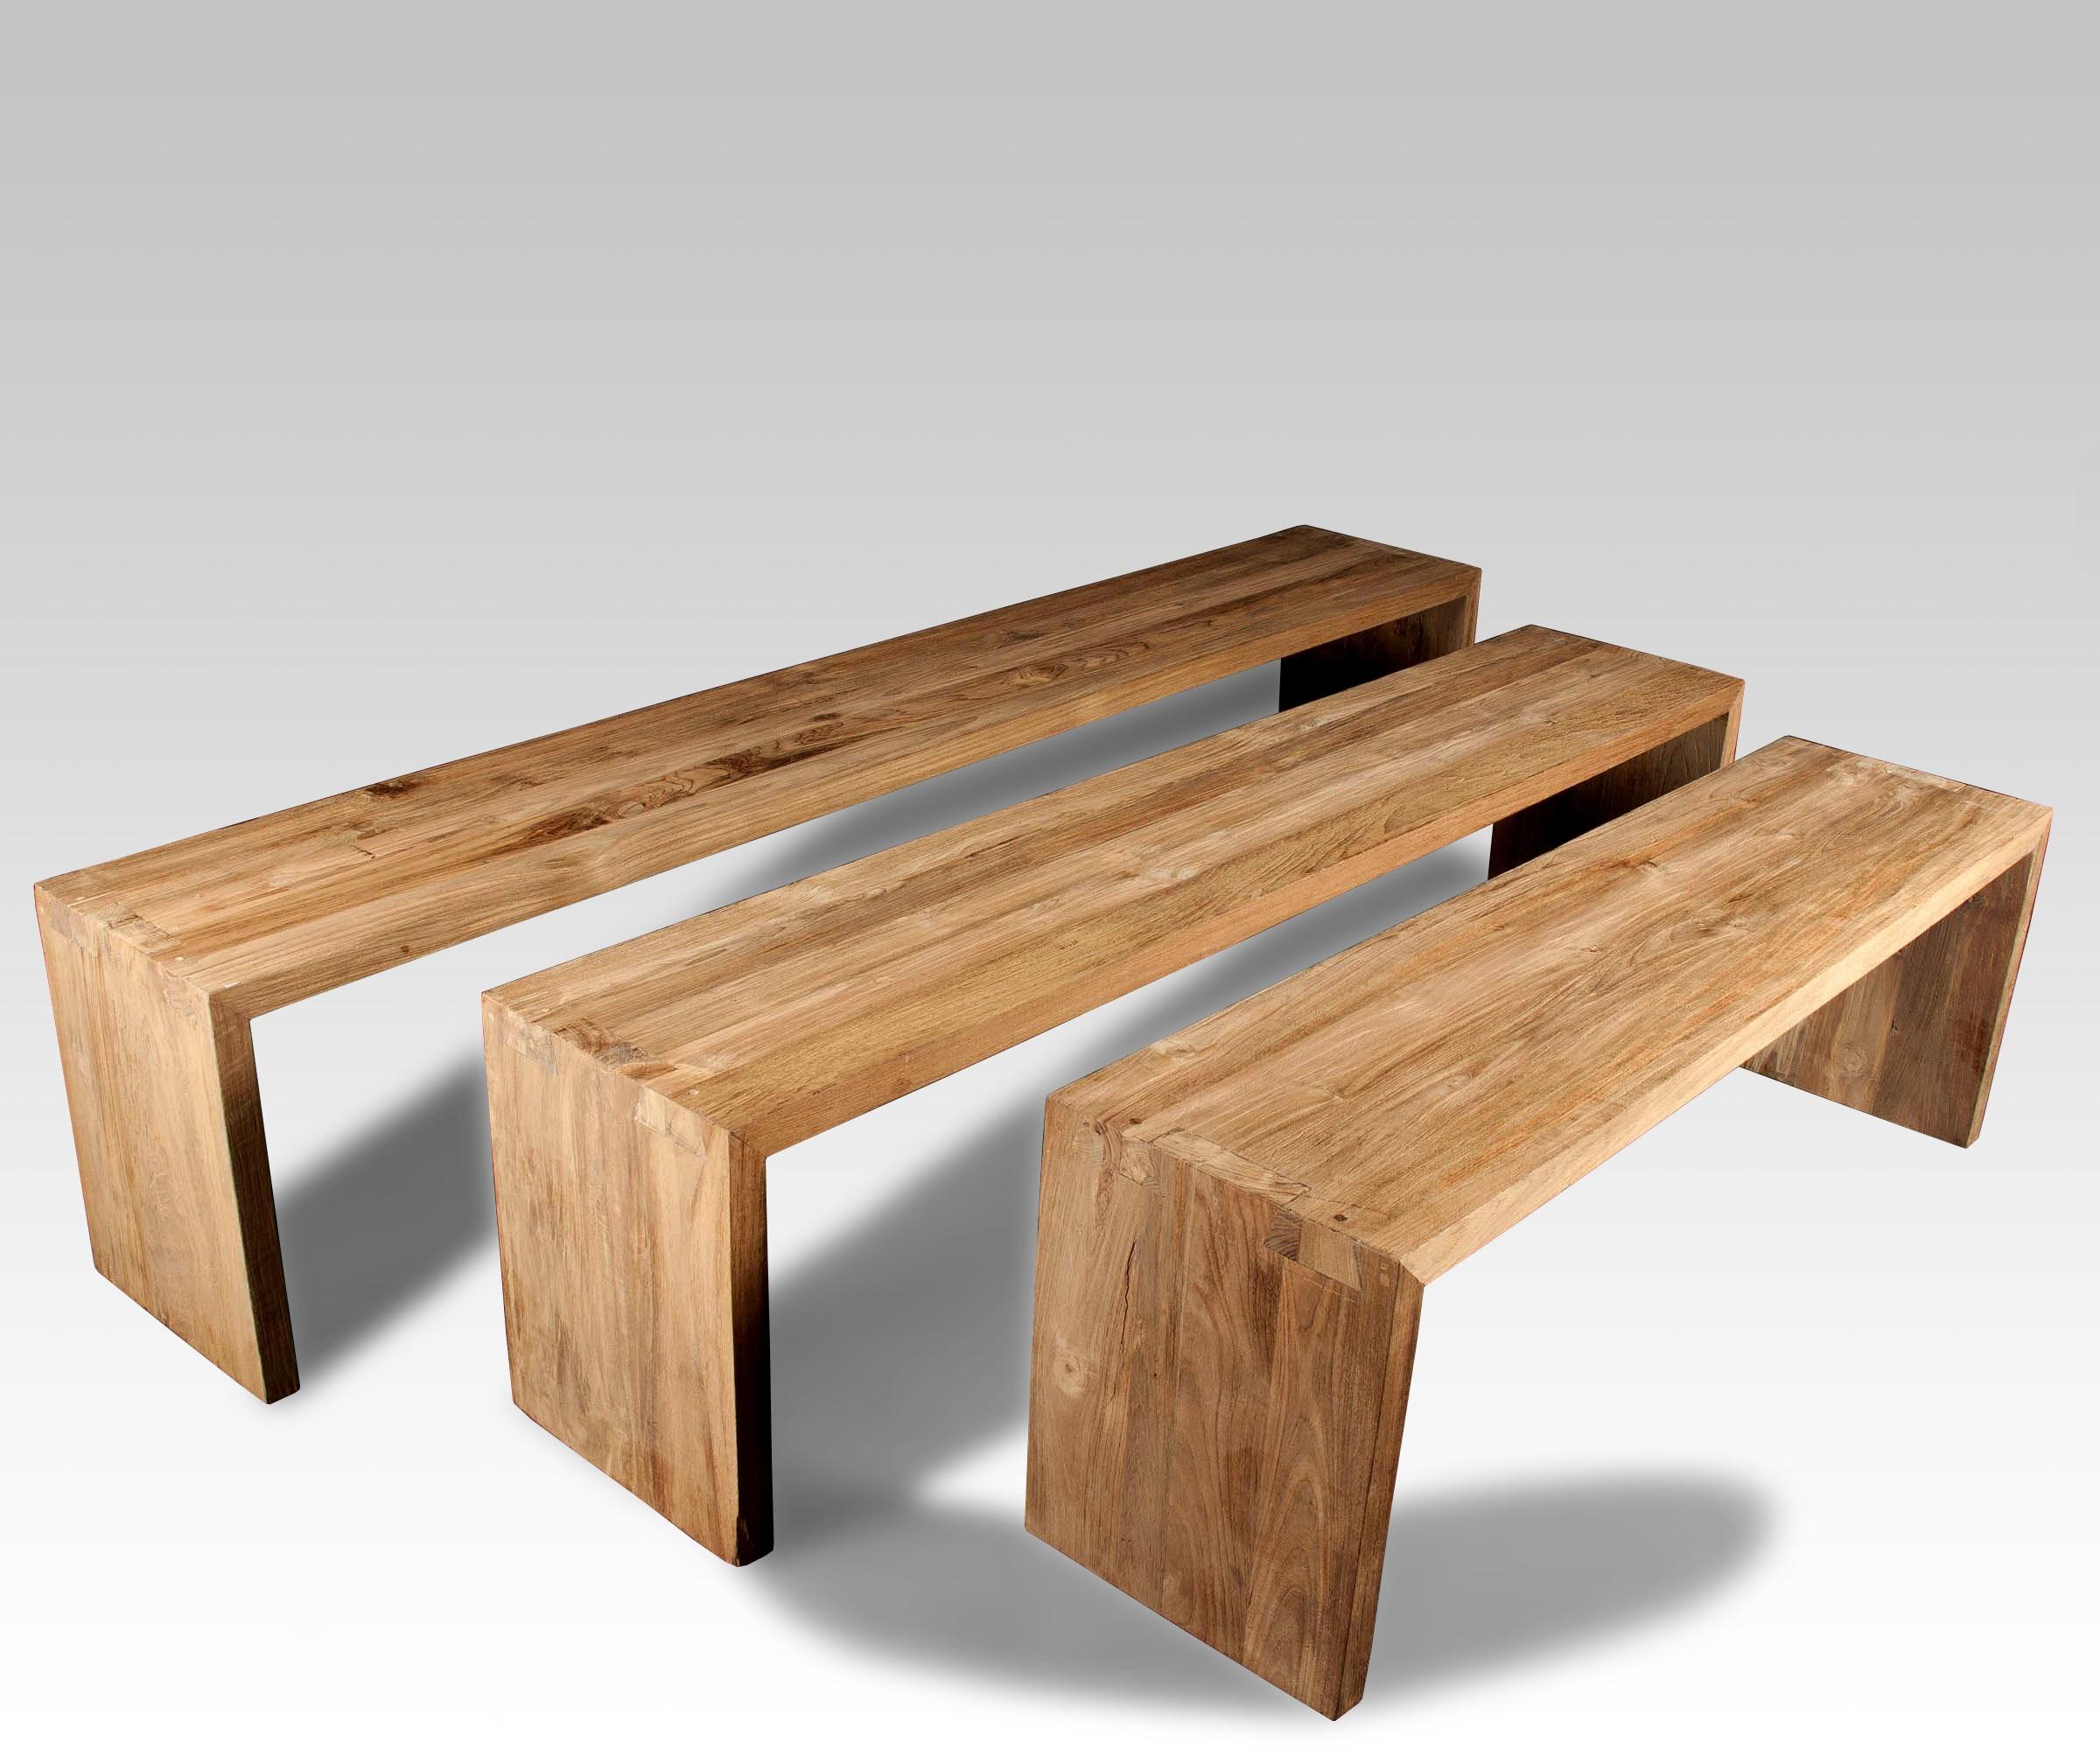 Bancos y bancos de madera batavia - Banco de madera ...